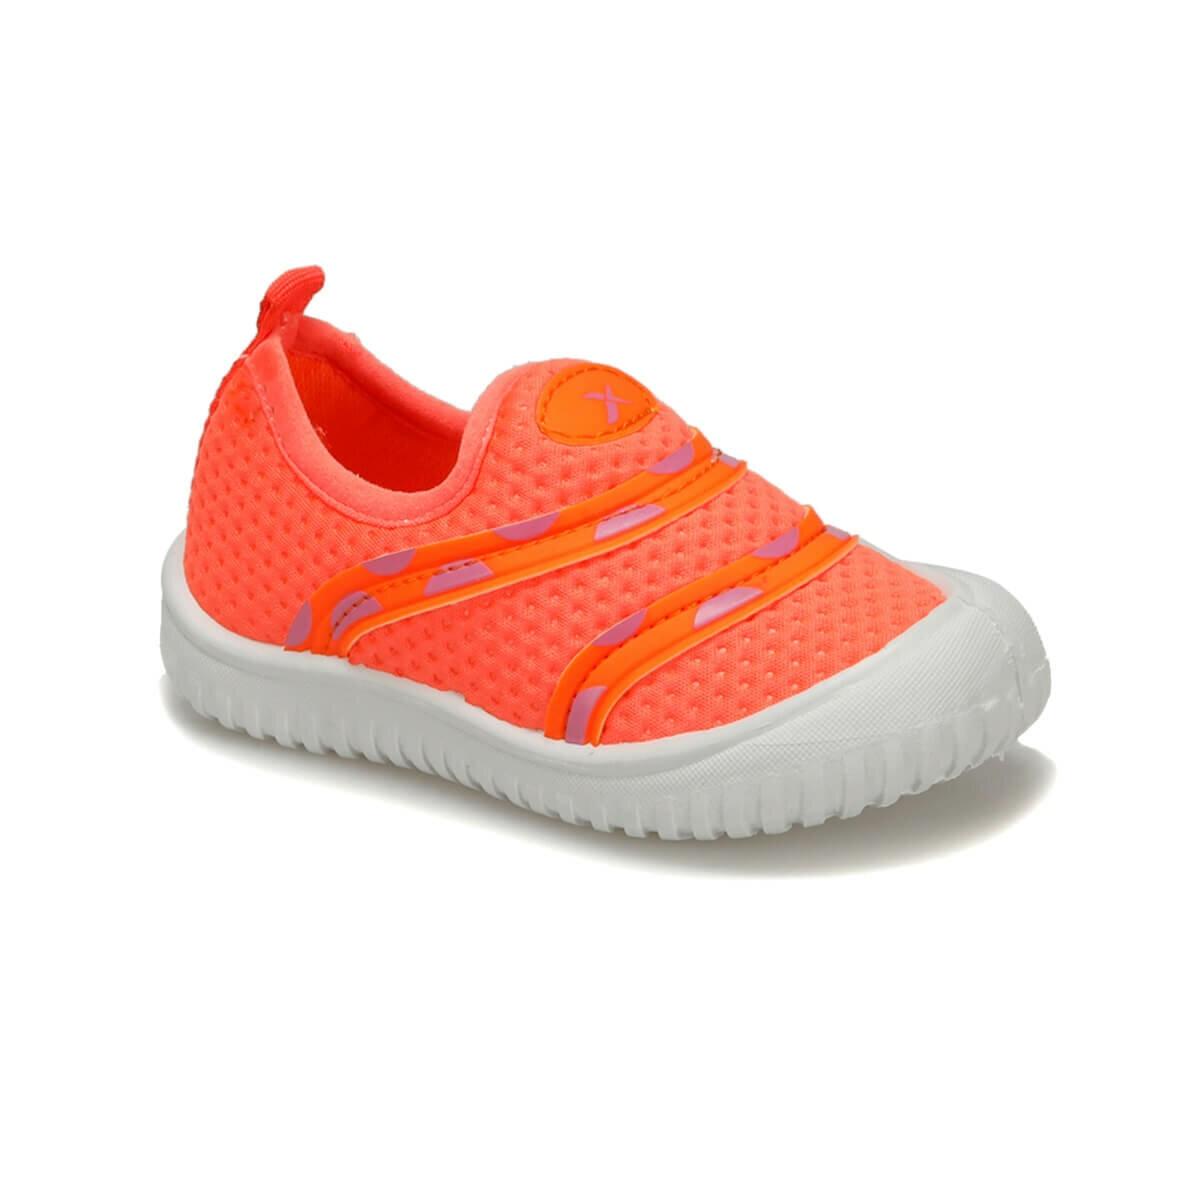 FLO NAPOL Orange Female Child Shoes KINETIX